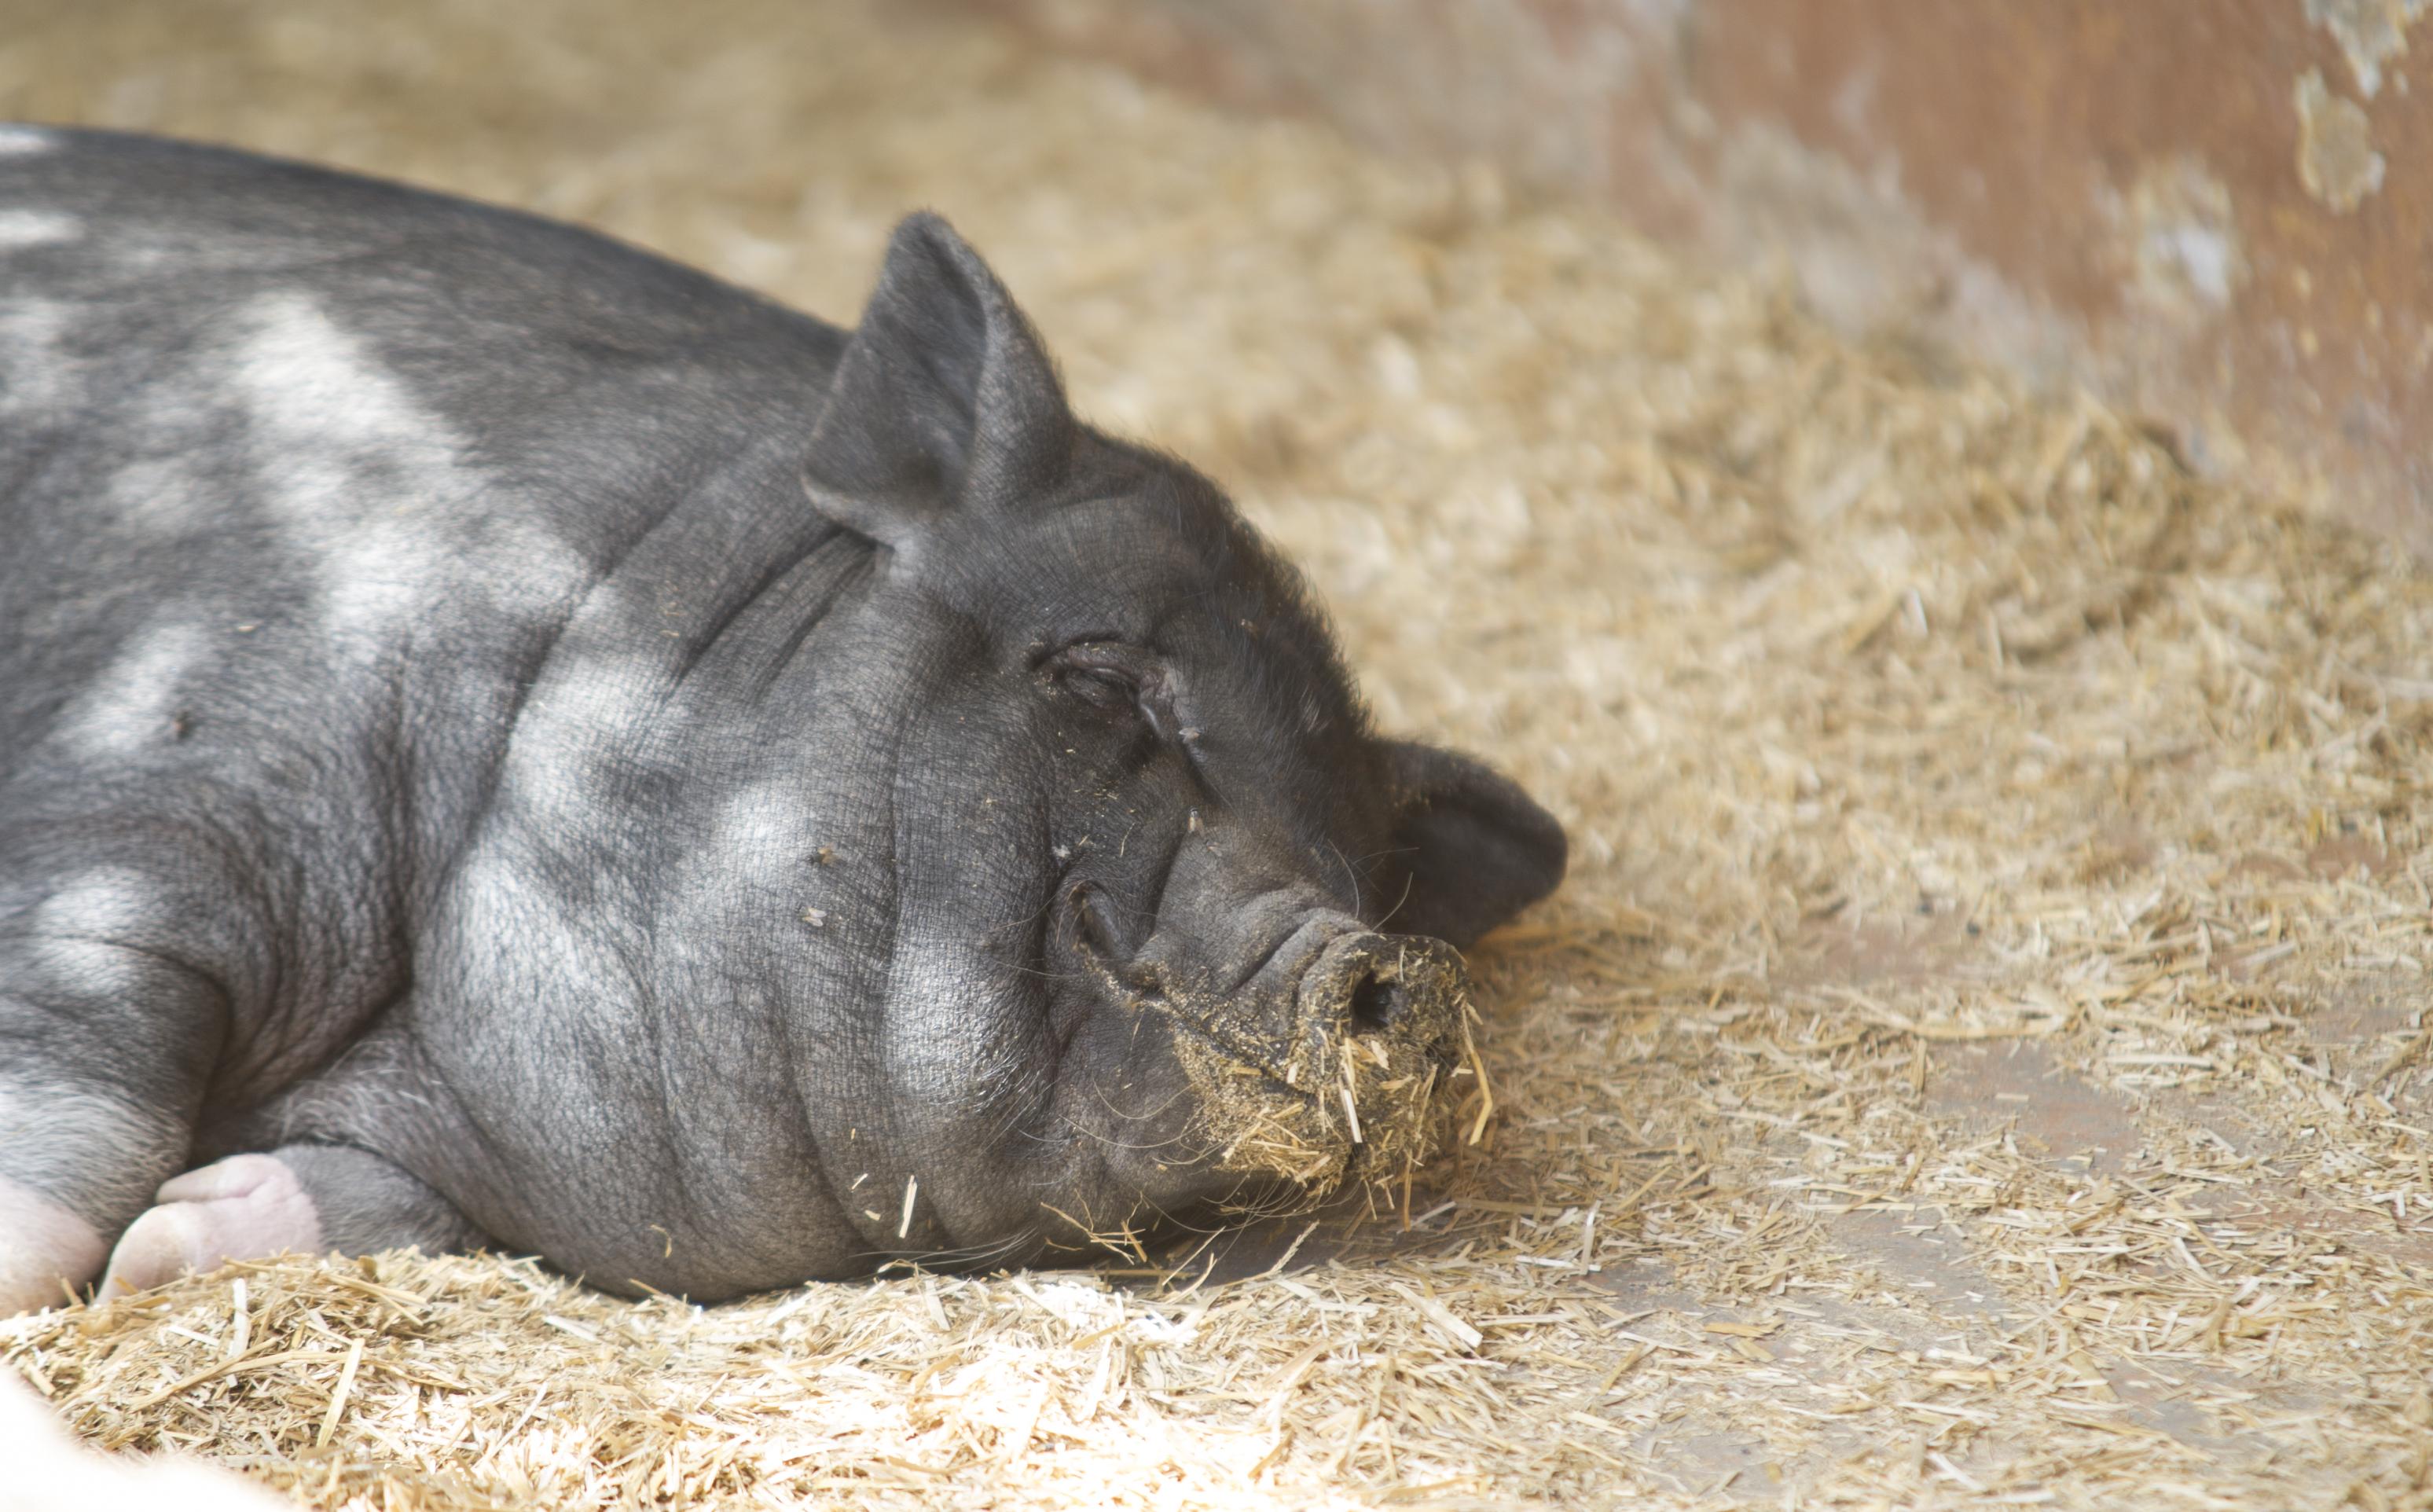 The pot bellied pig sus scrofa rancho texas lanzarote park